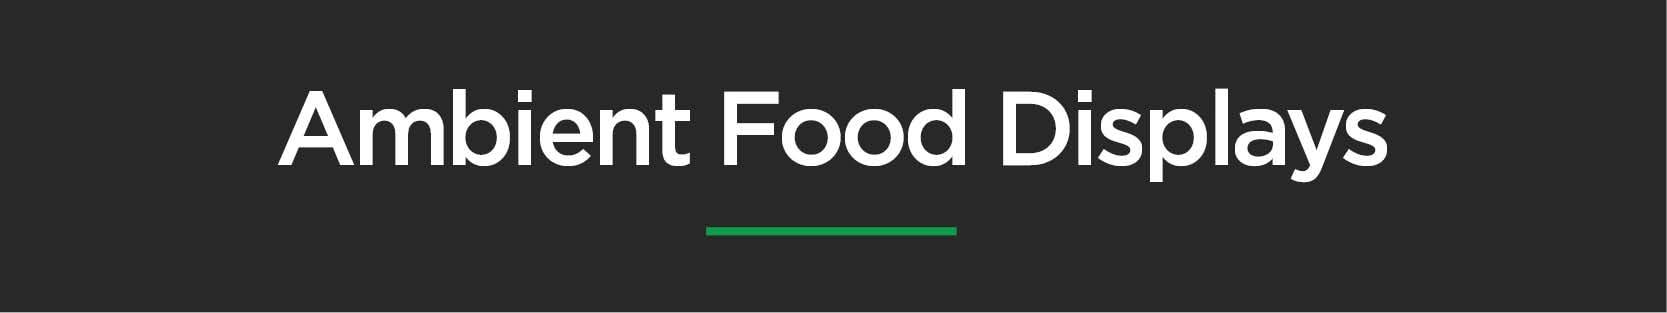 Ambient Food Displays